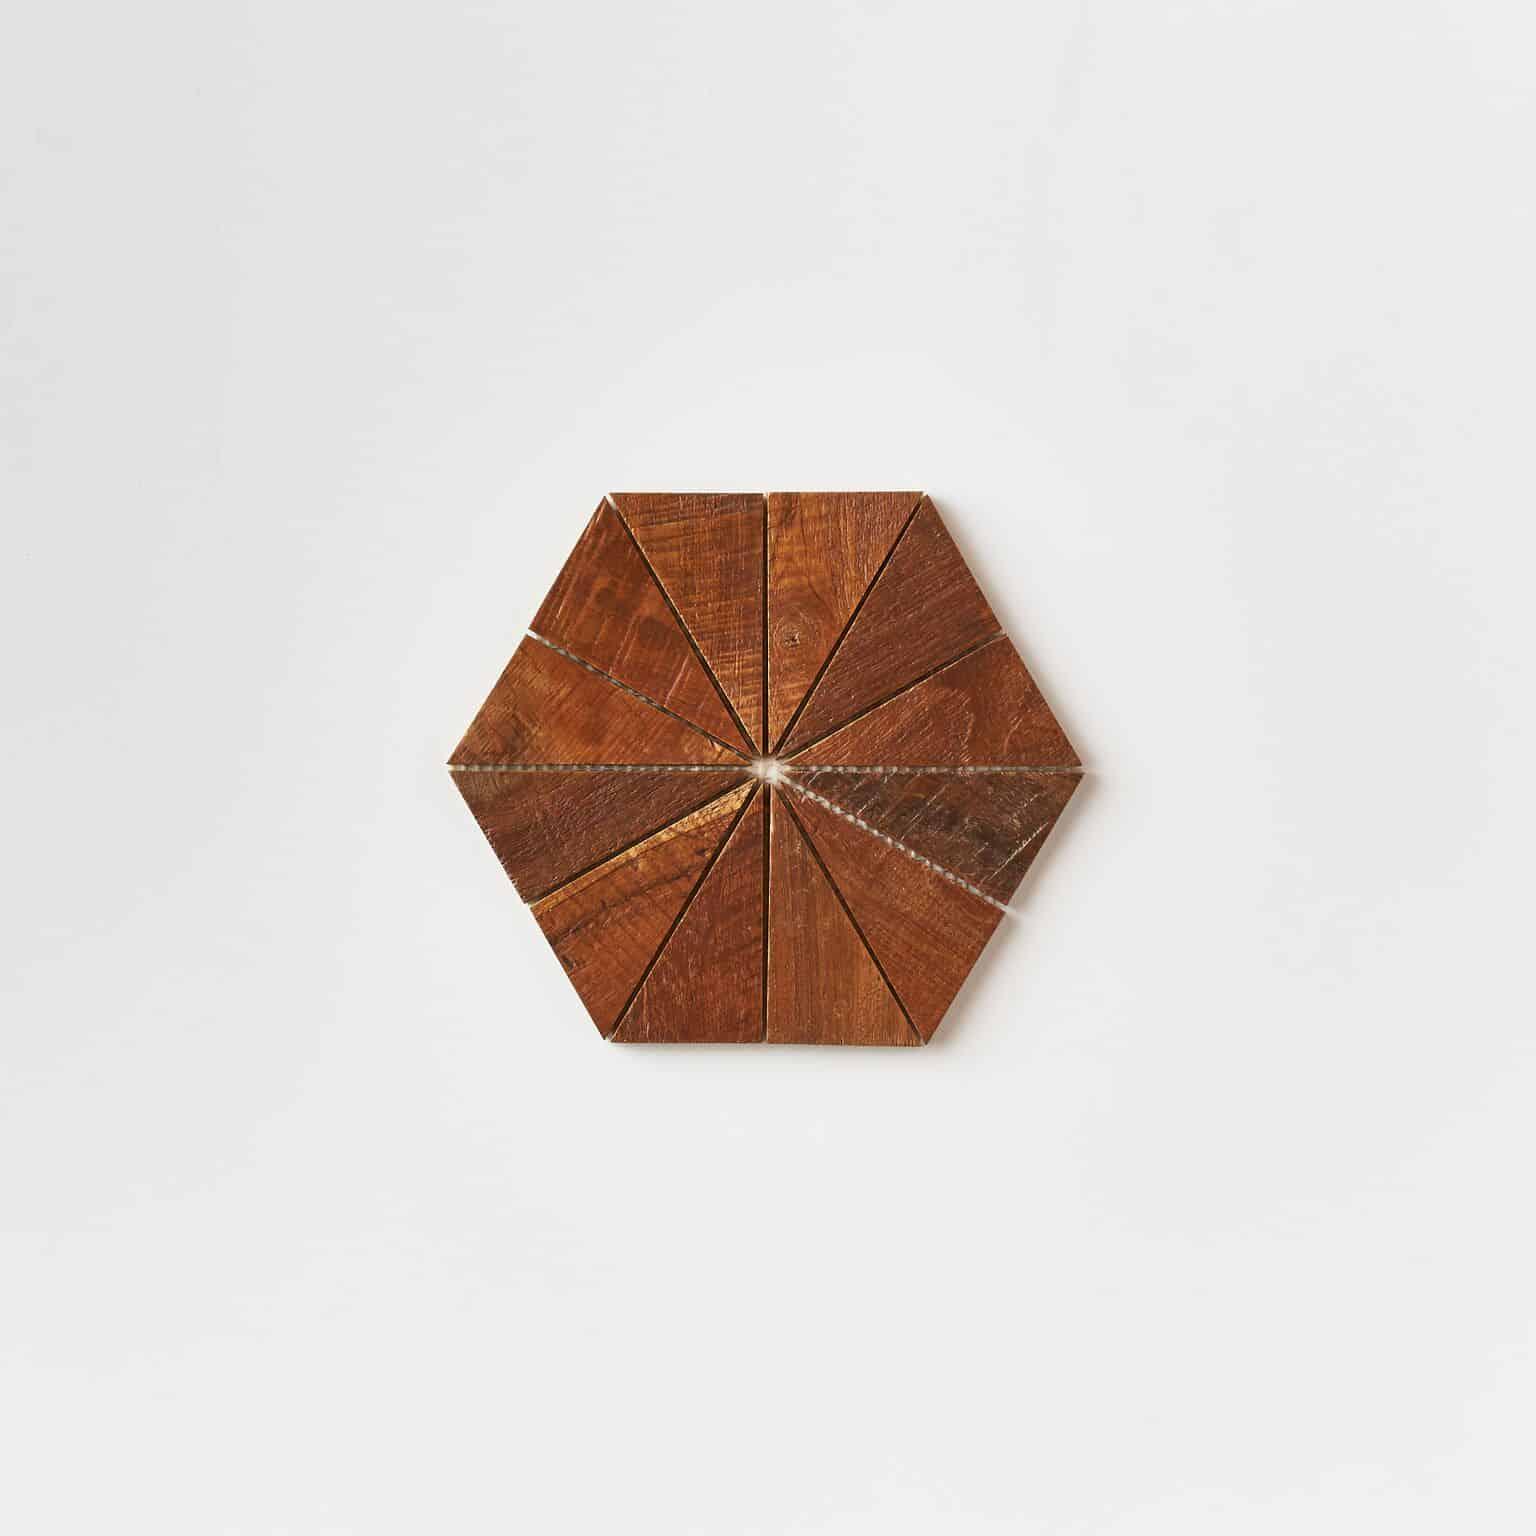 unspecified 35 - Teak Tile - Starburst